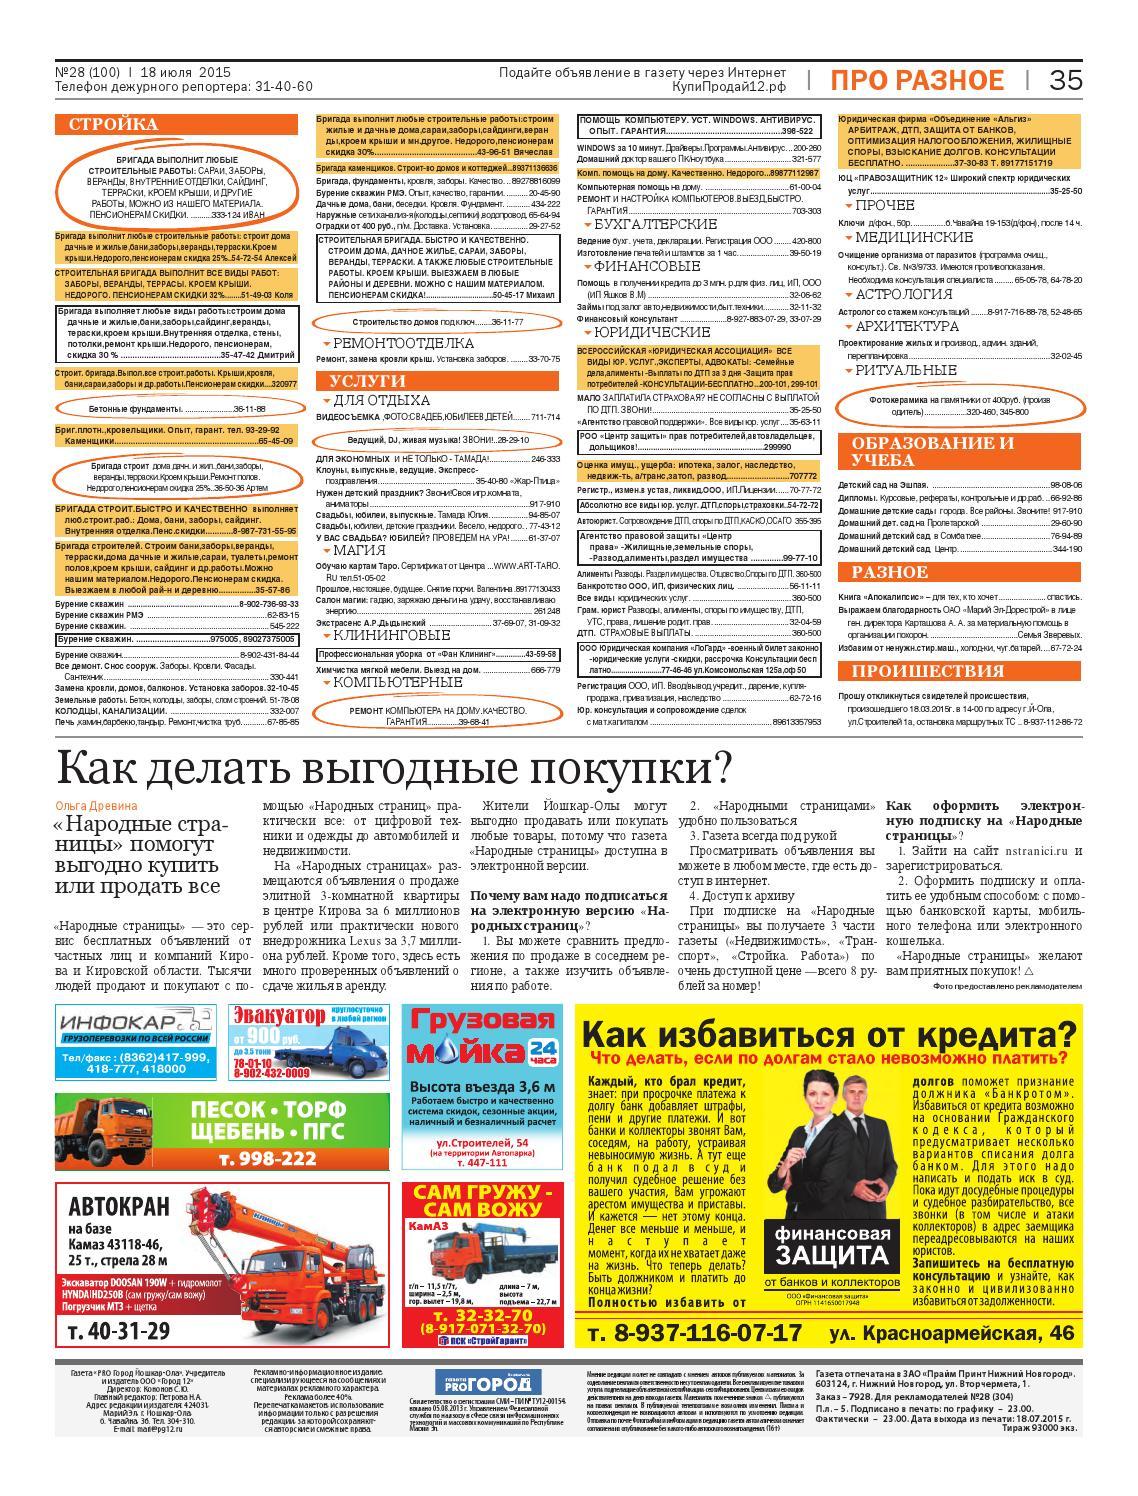 Раздел знакомства в газетах йошкар-олы